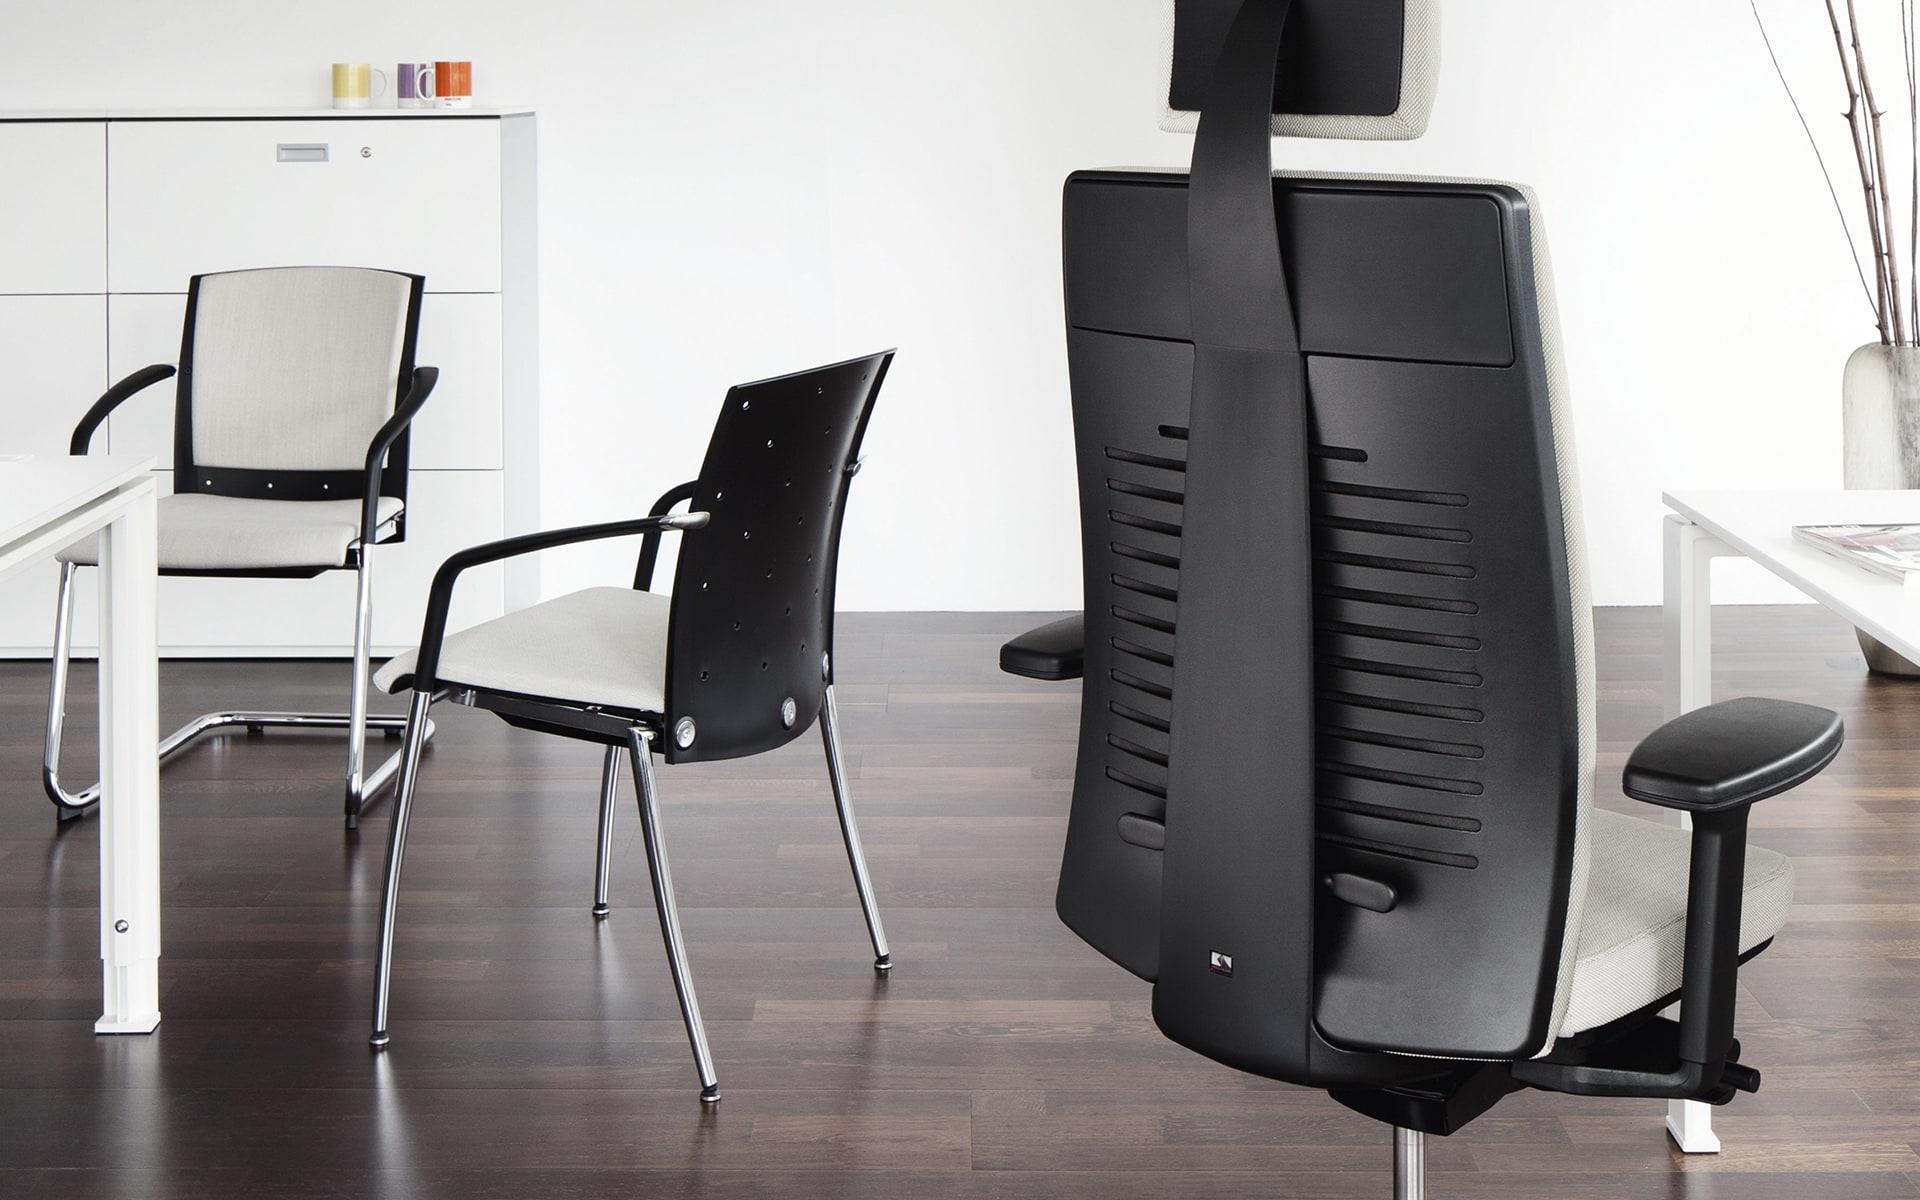 Verschiedene Modelle aus der König + Neurath Tensa Bürostuhlserie von ITO Design an minimalistischem Arbeitsplatz